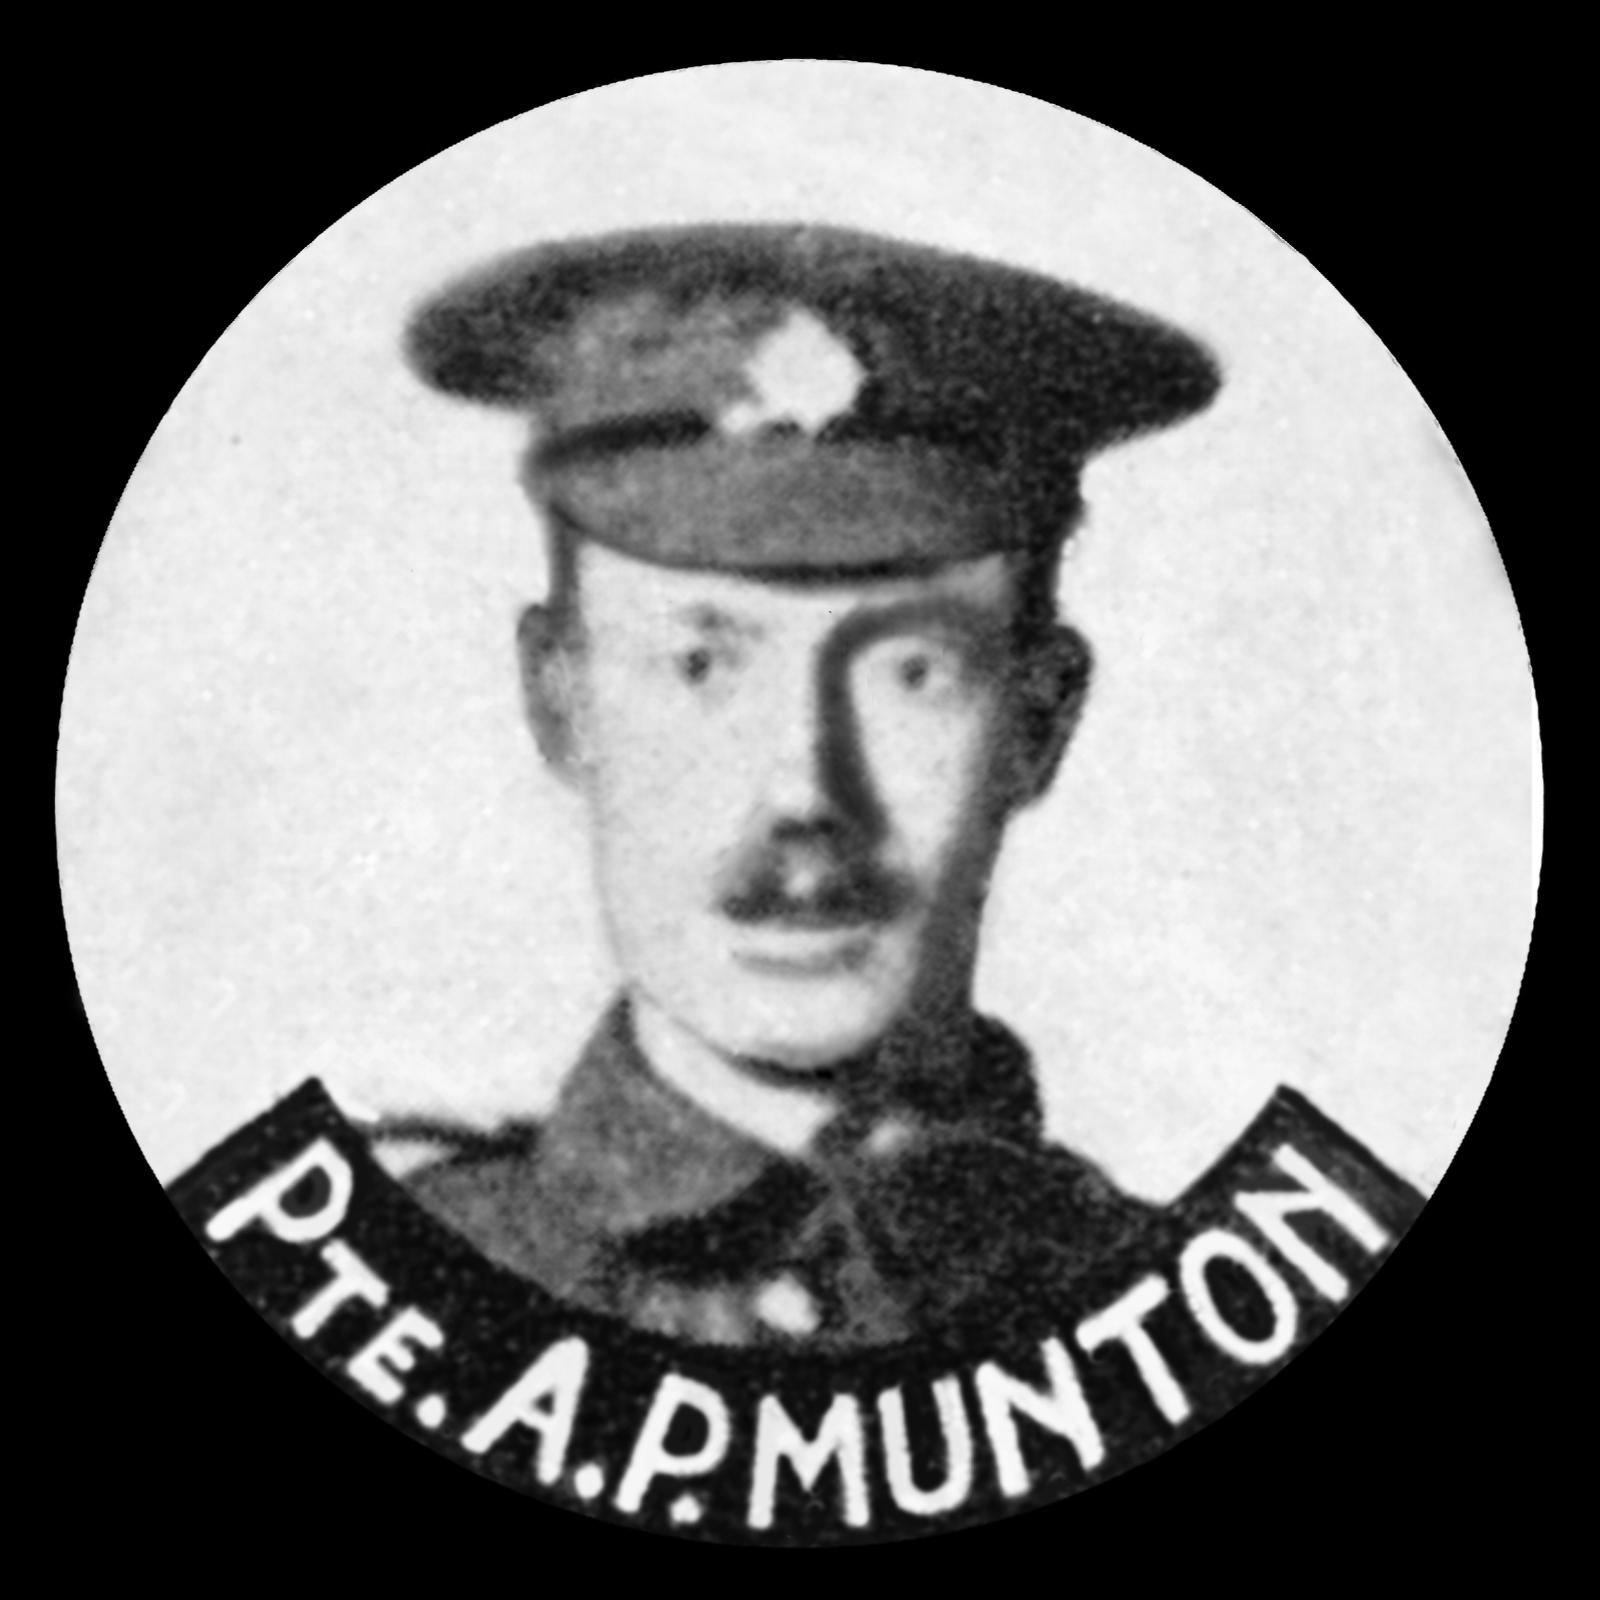 MUNTON Arthur Porter